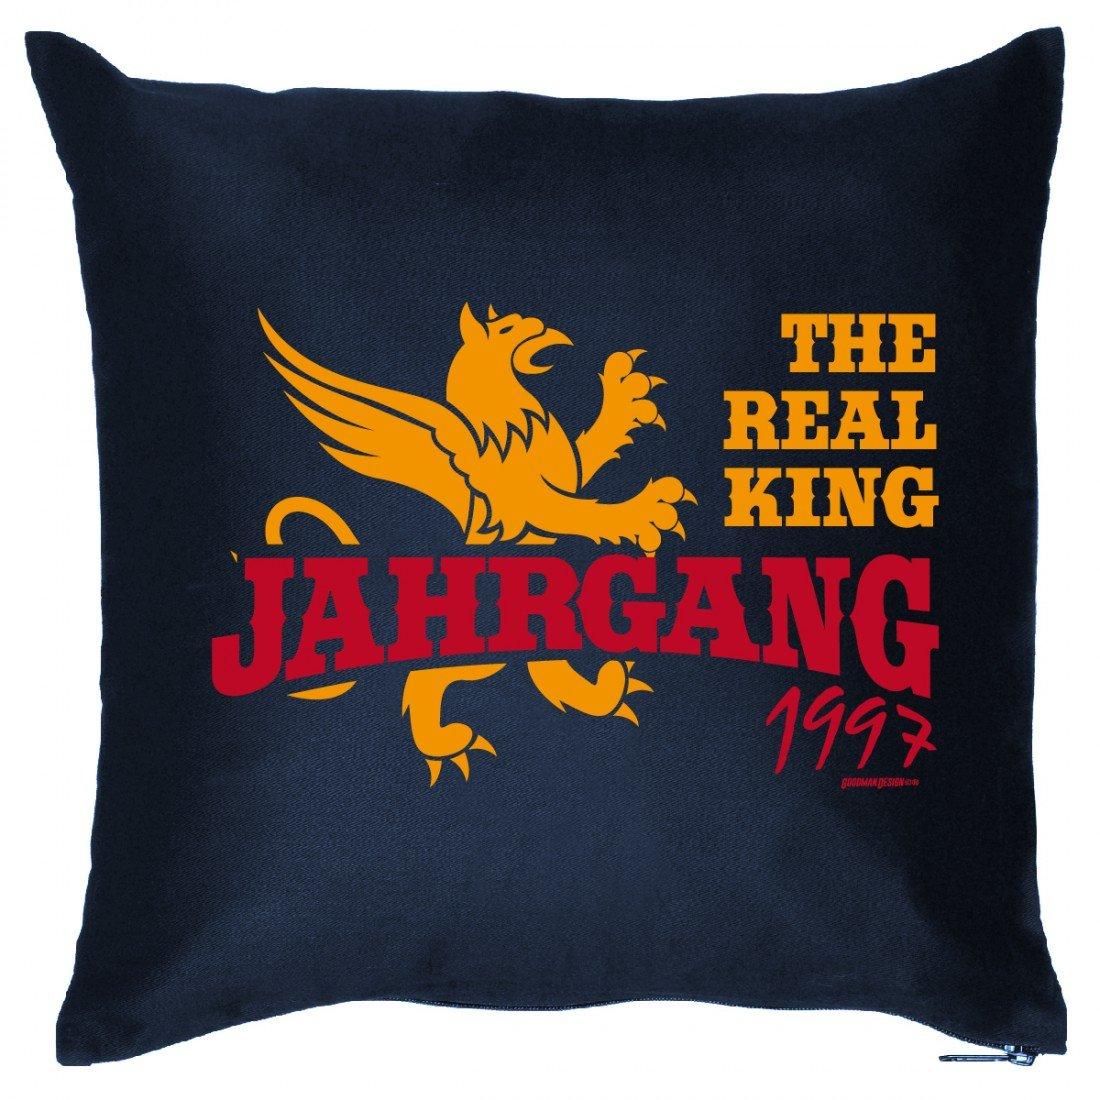 Couch Kissen mit Aufdruck zum Geburtstag – The real King Jahrgang 1997 – Sofakissen Wendekissen mit Spruch und Humor günstig online kaufen